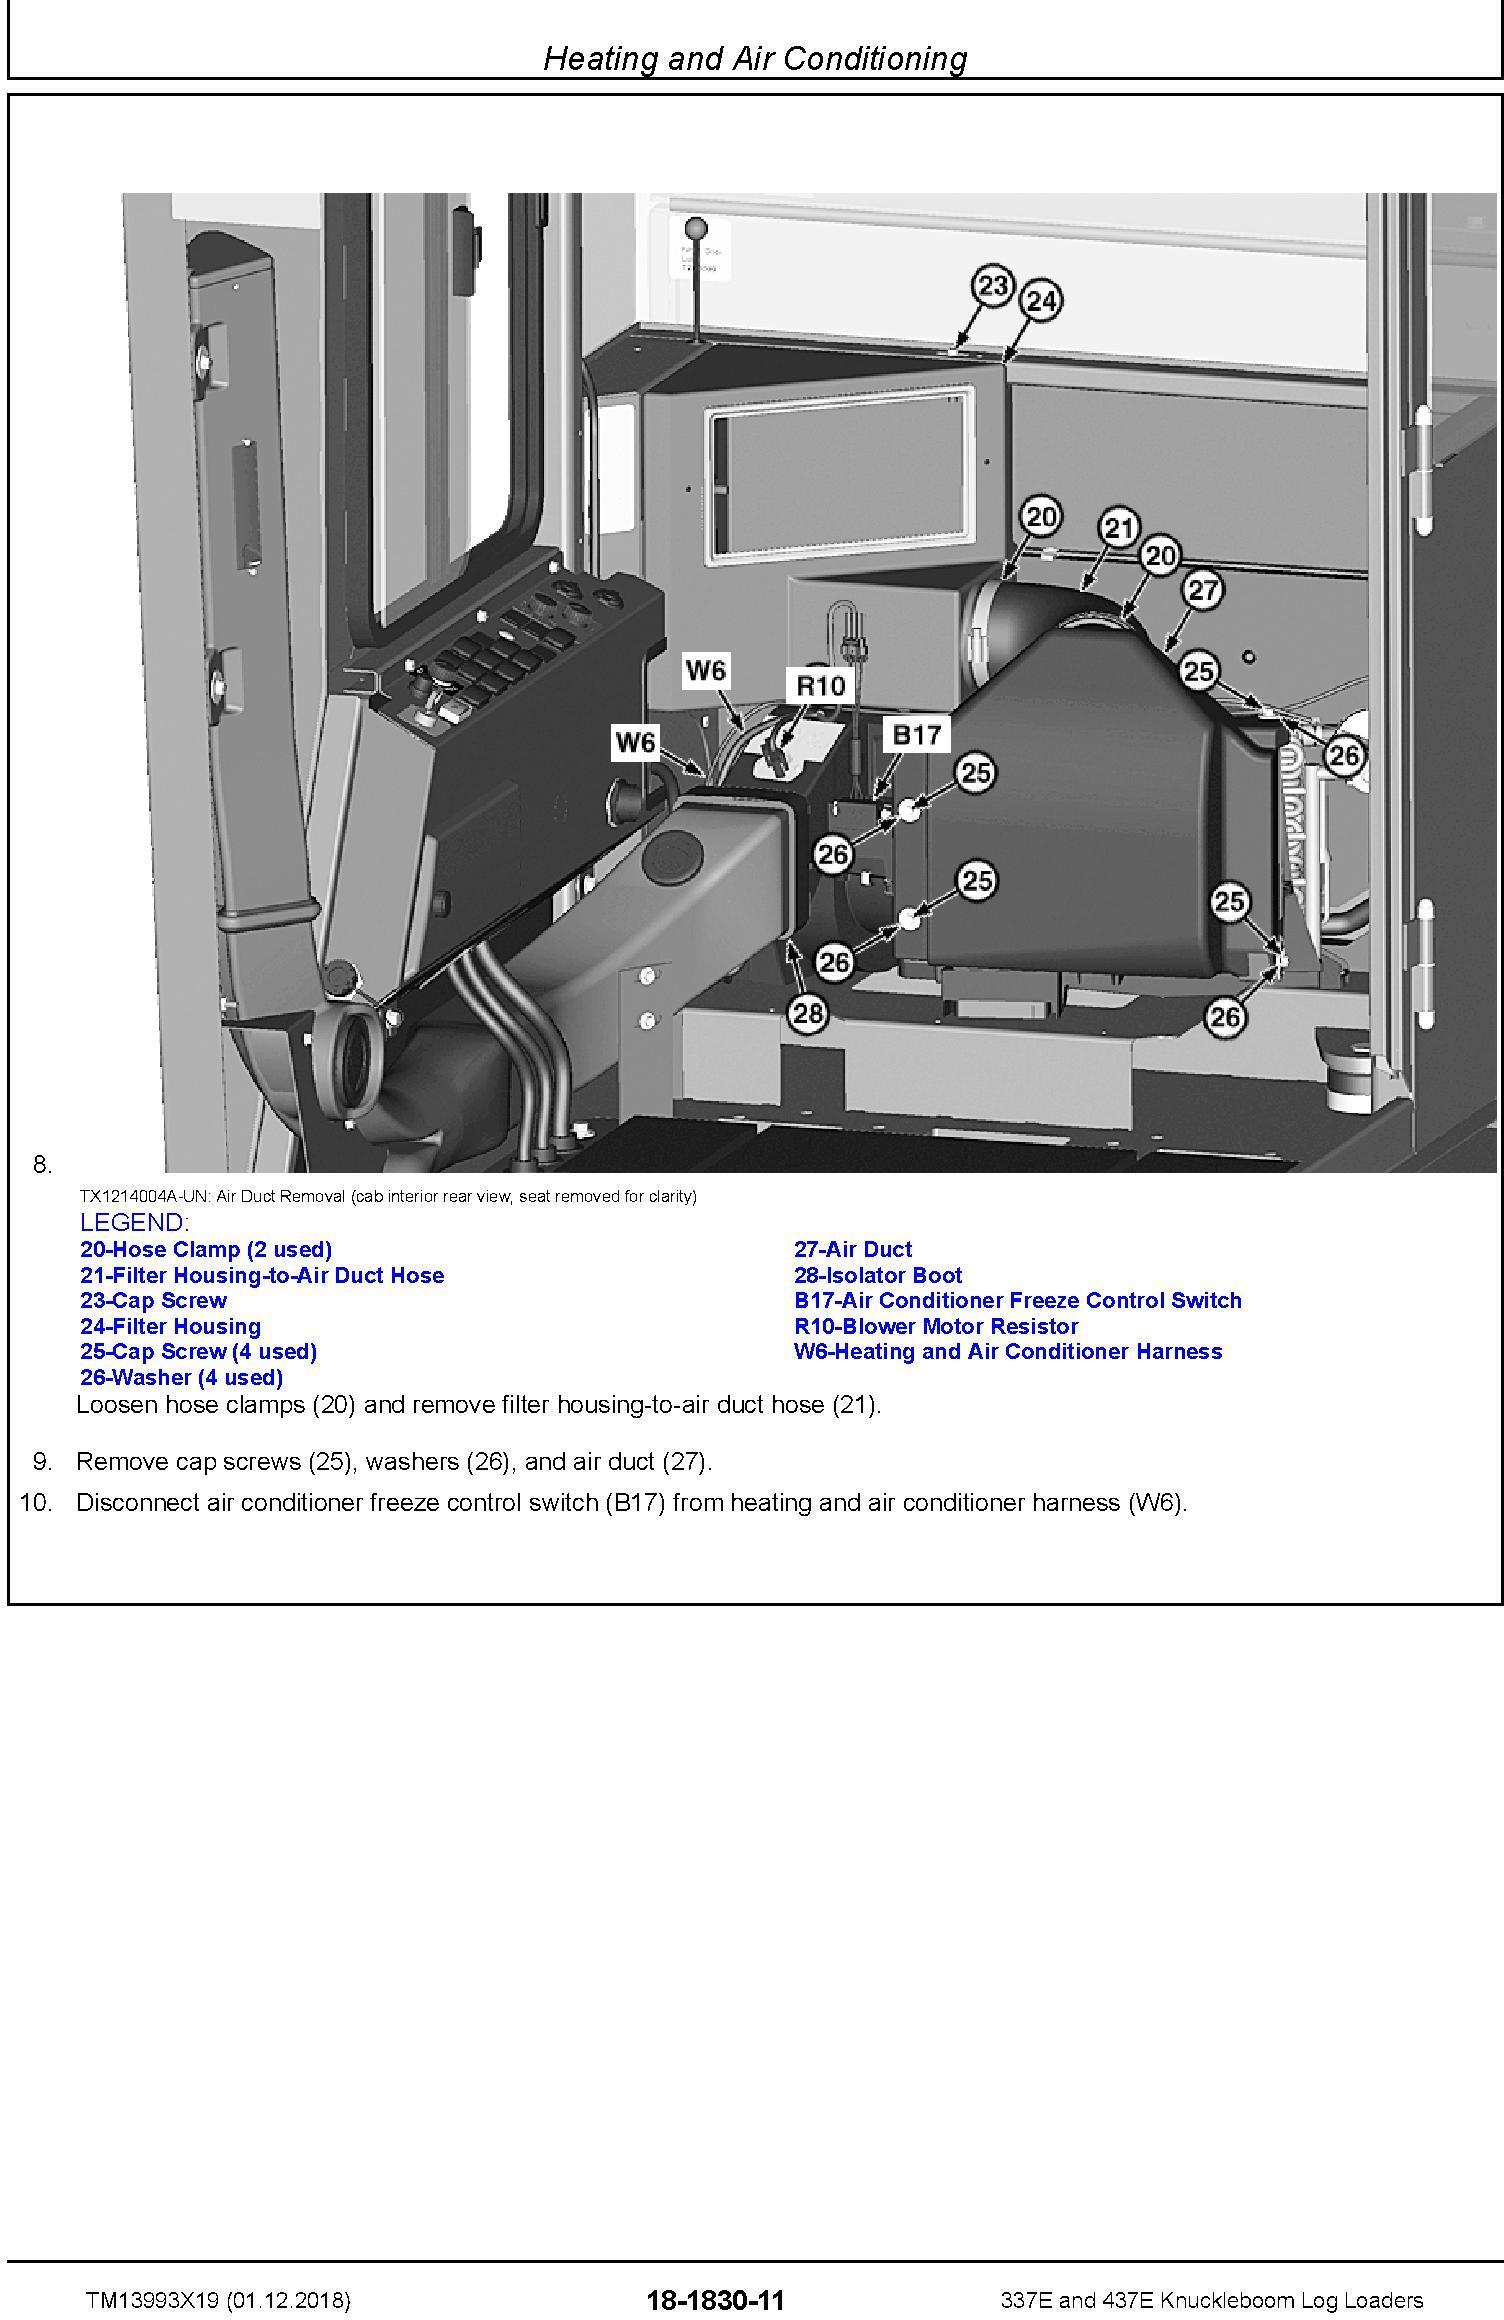 John Deere 337E, 437E (SN.F291461-) Knuckleboom Log Loaders Repair Manual (TM13993X19) - 3